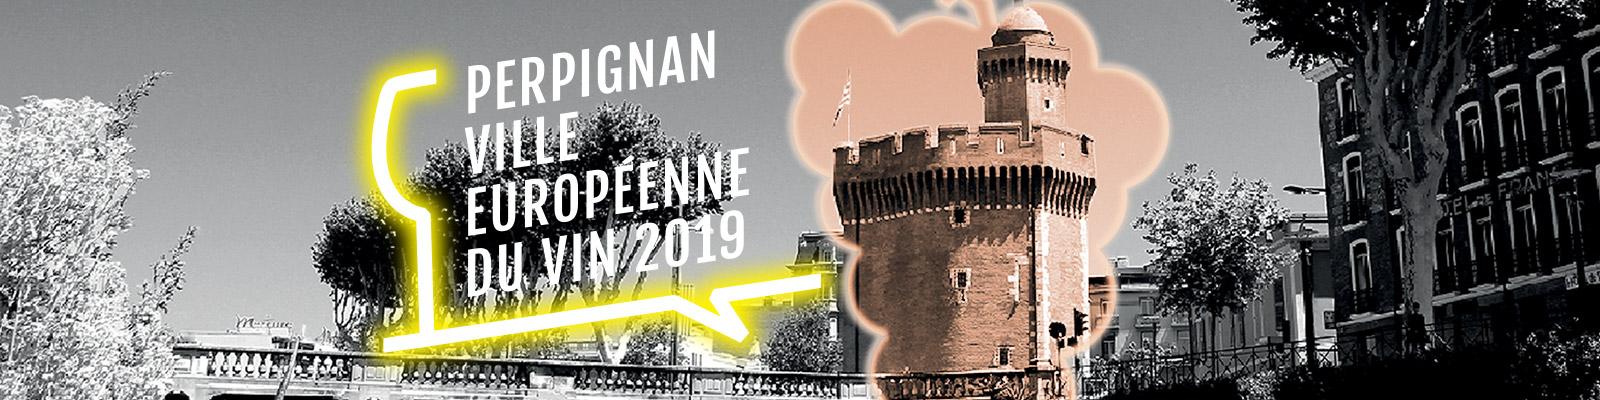 22 janvier 2019 – Lancement Perpignan Ville Européenne du Vin